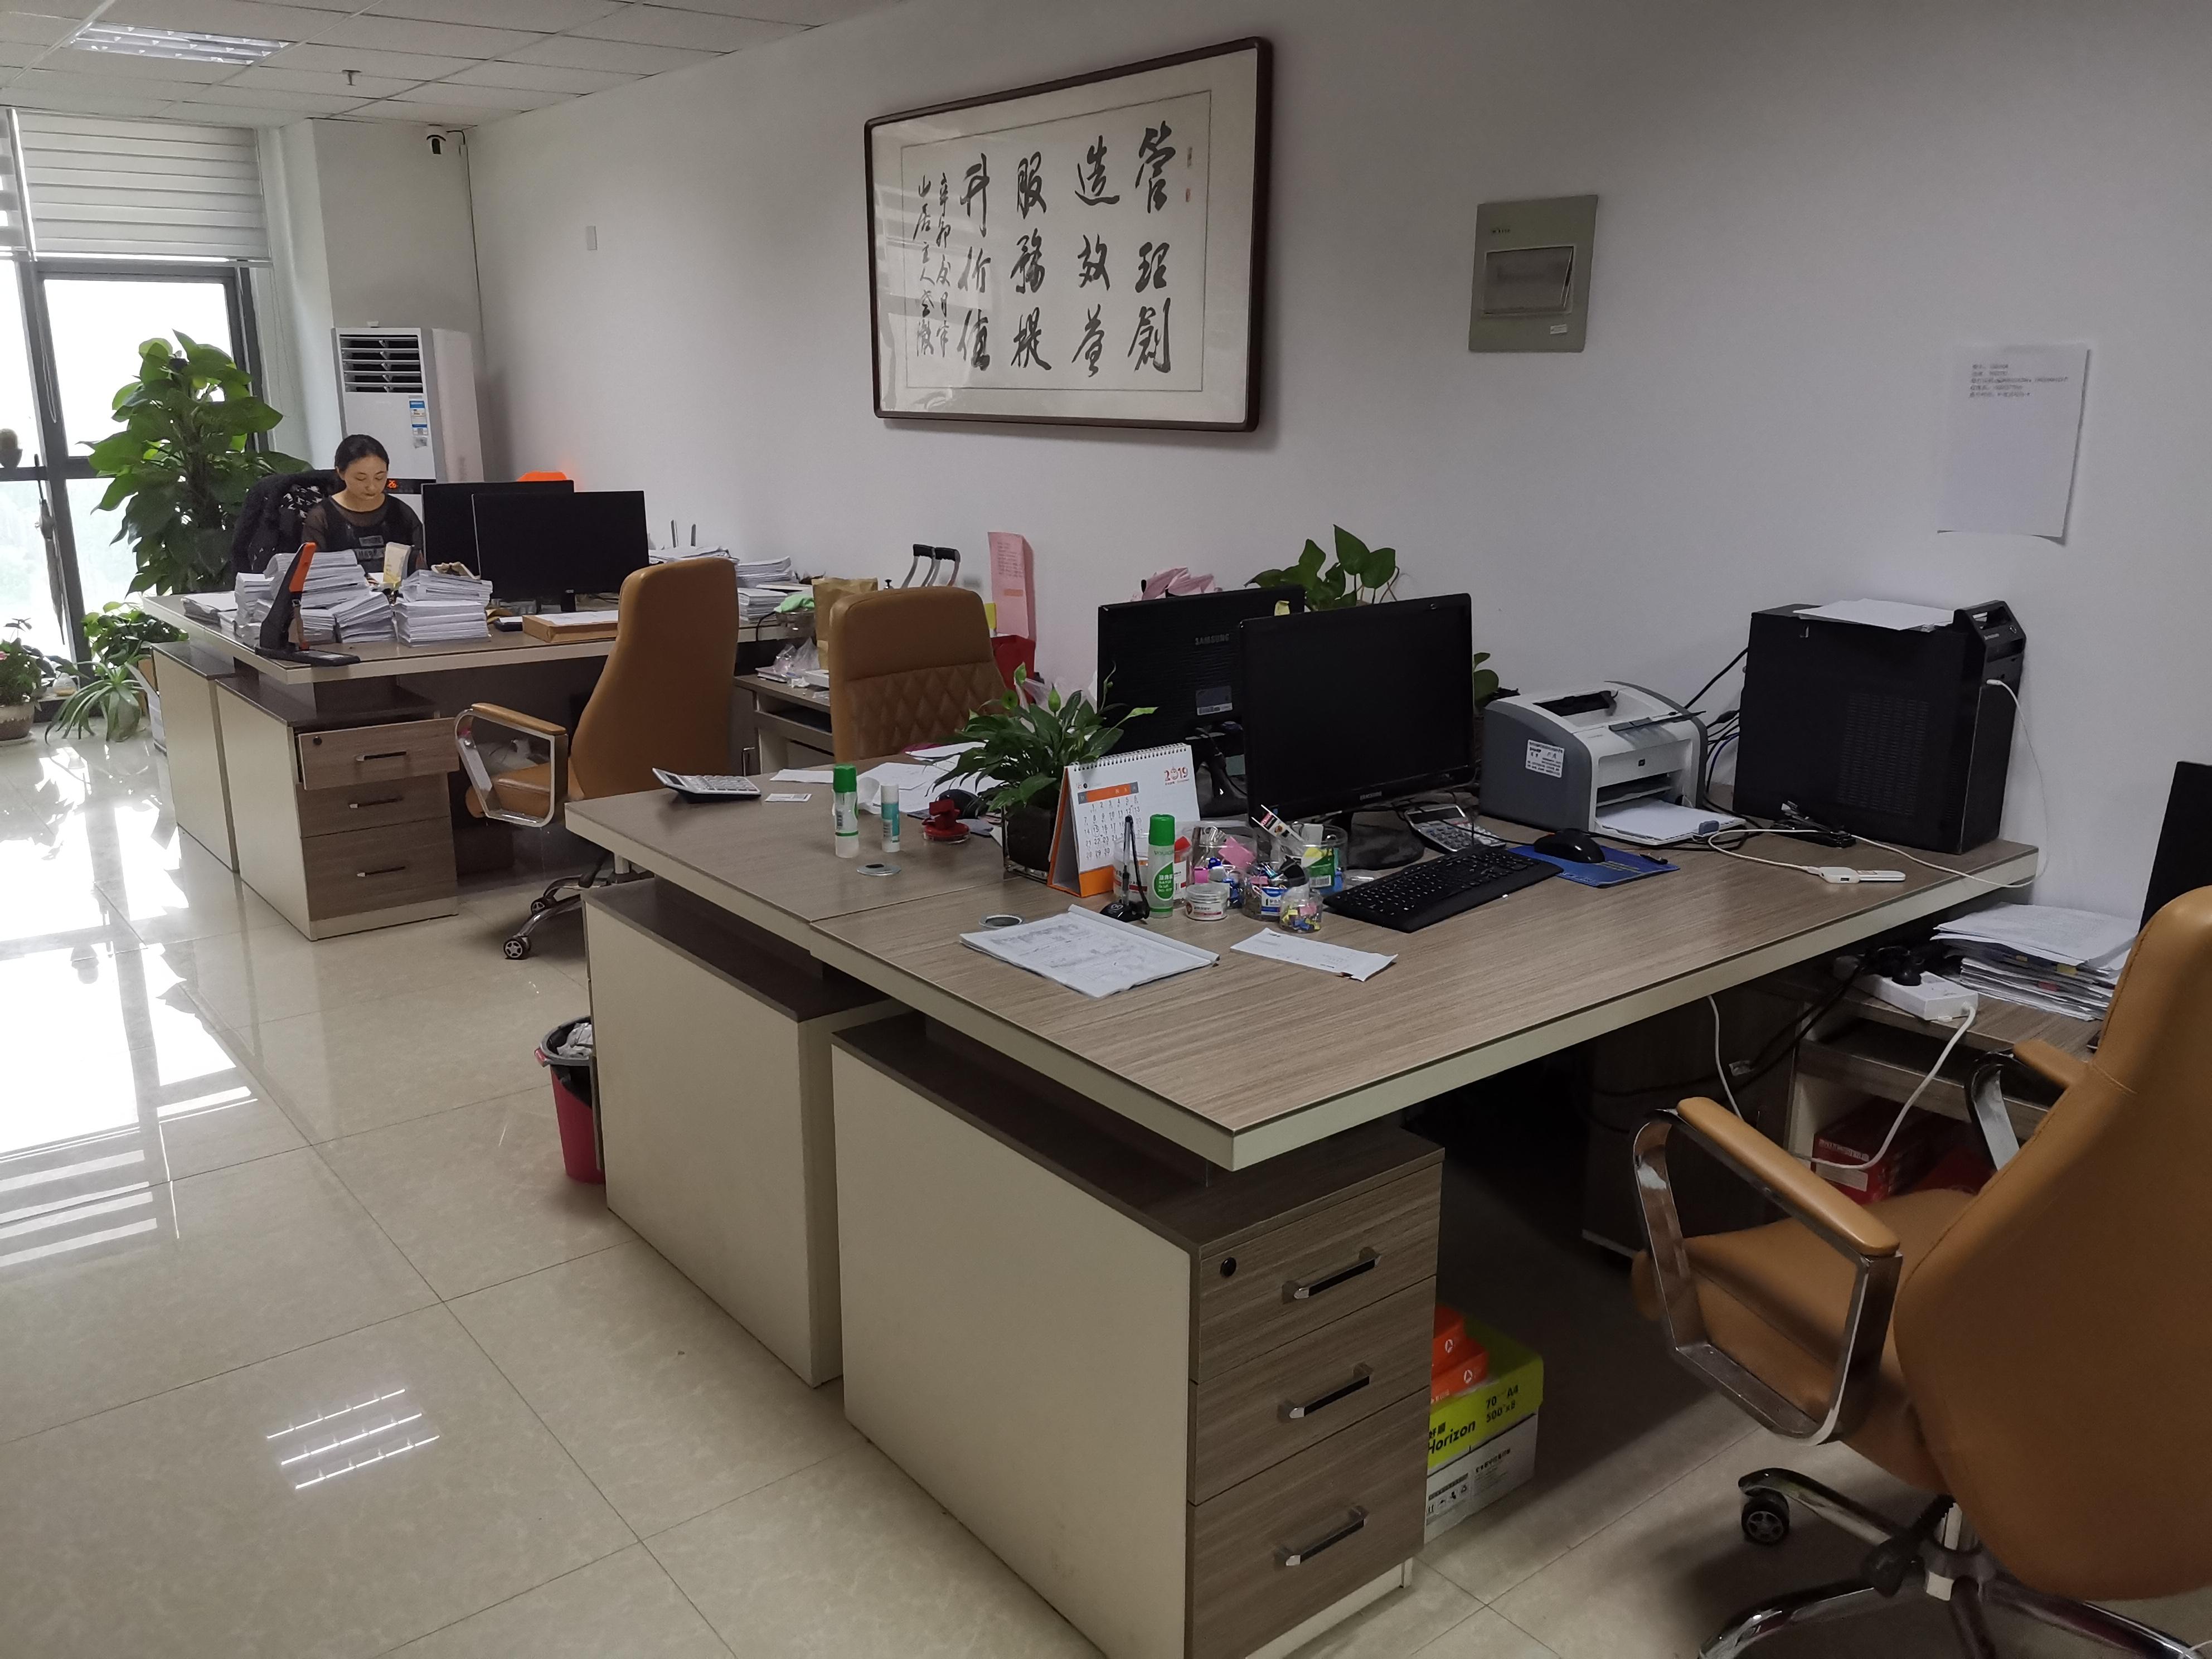 办公环境-新建文件夹IMG_20190731_173454